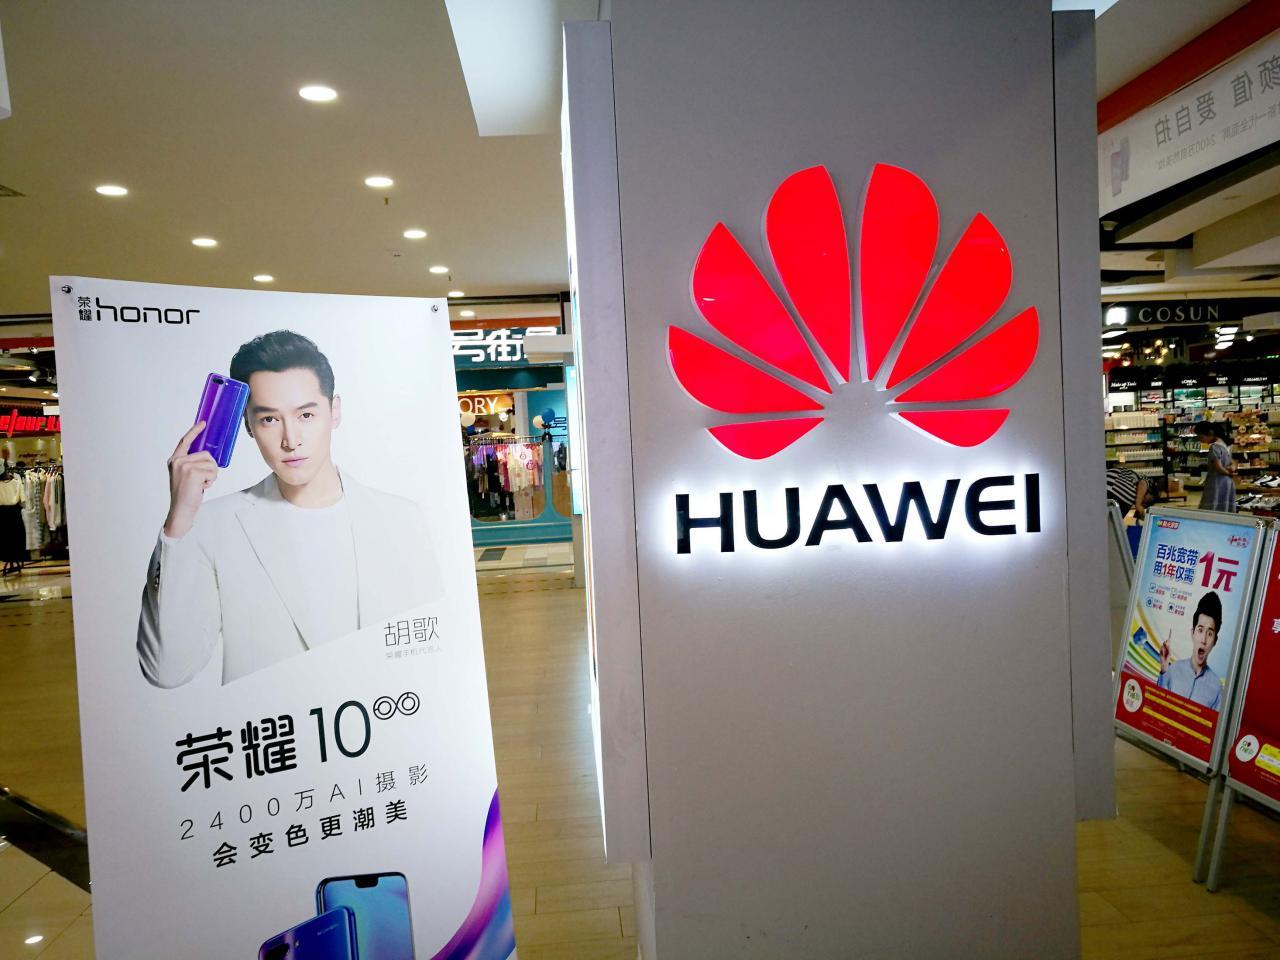 美國政府狙擊華為,無非是希望鉗制中國的科技發展。